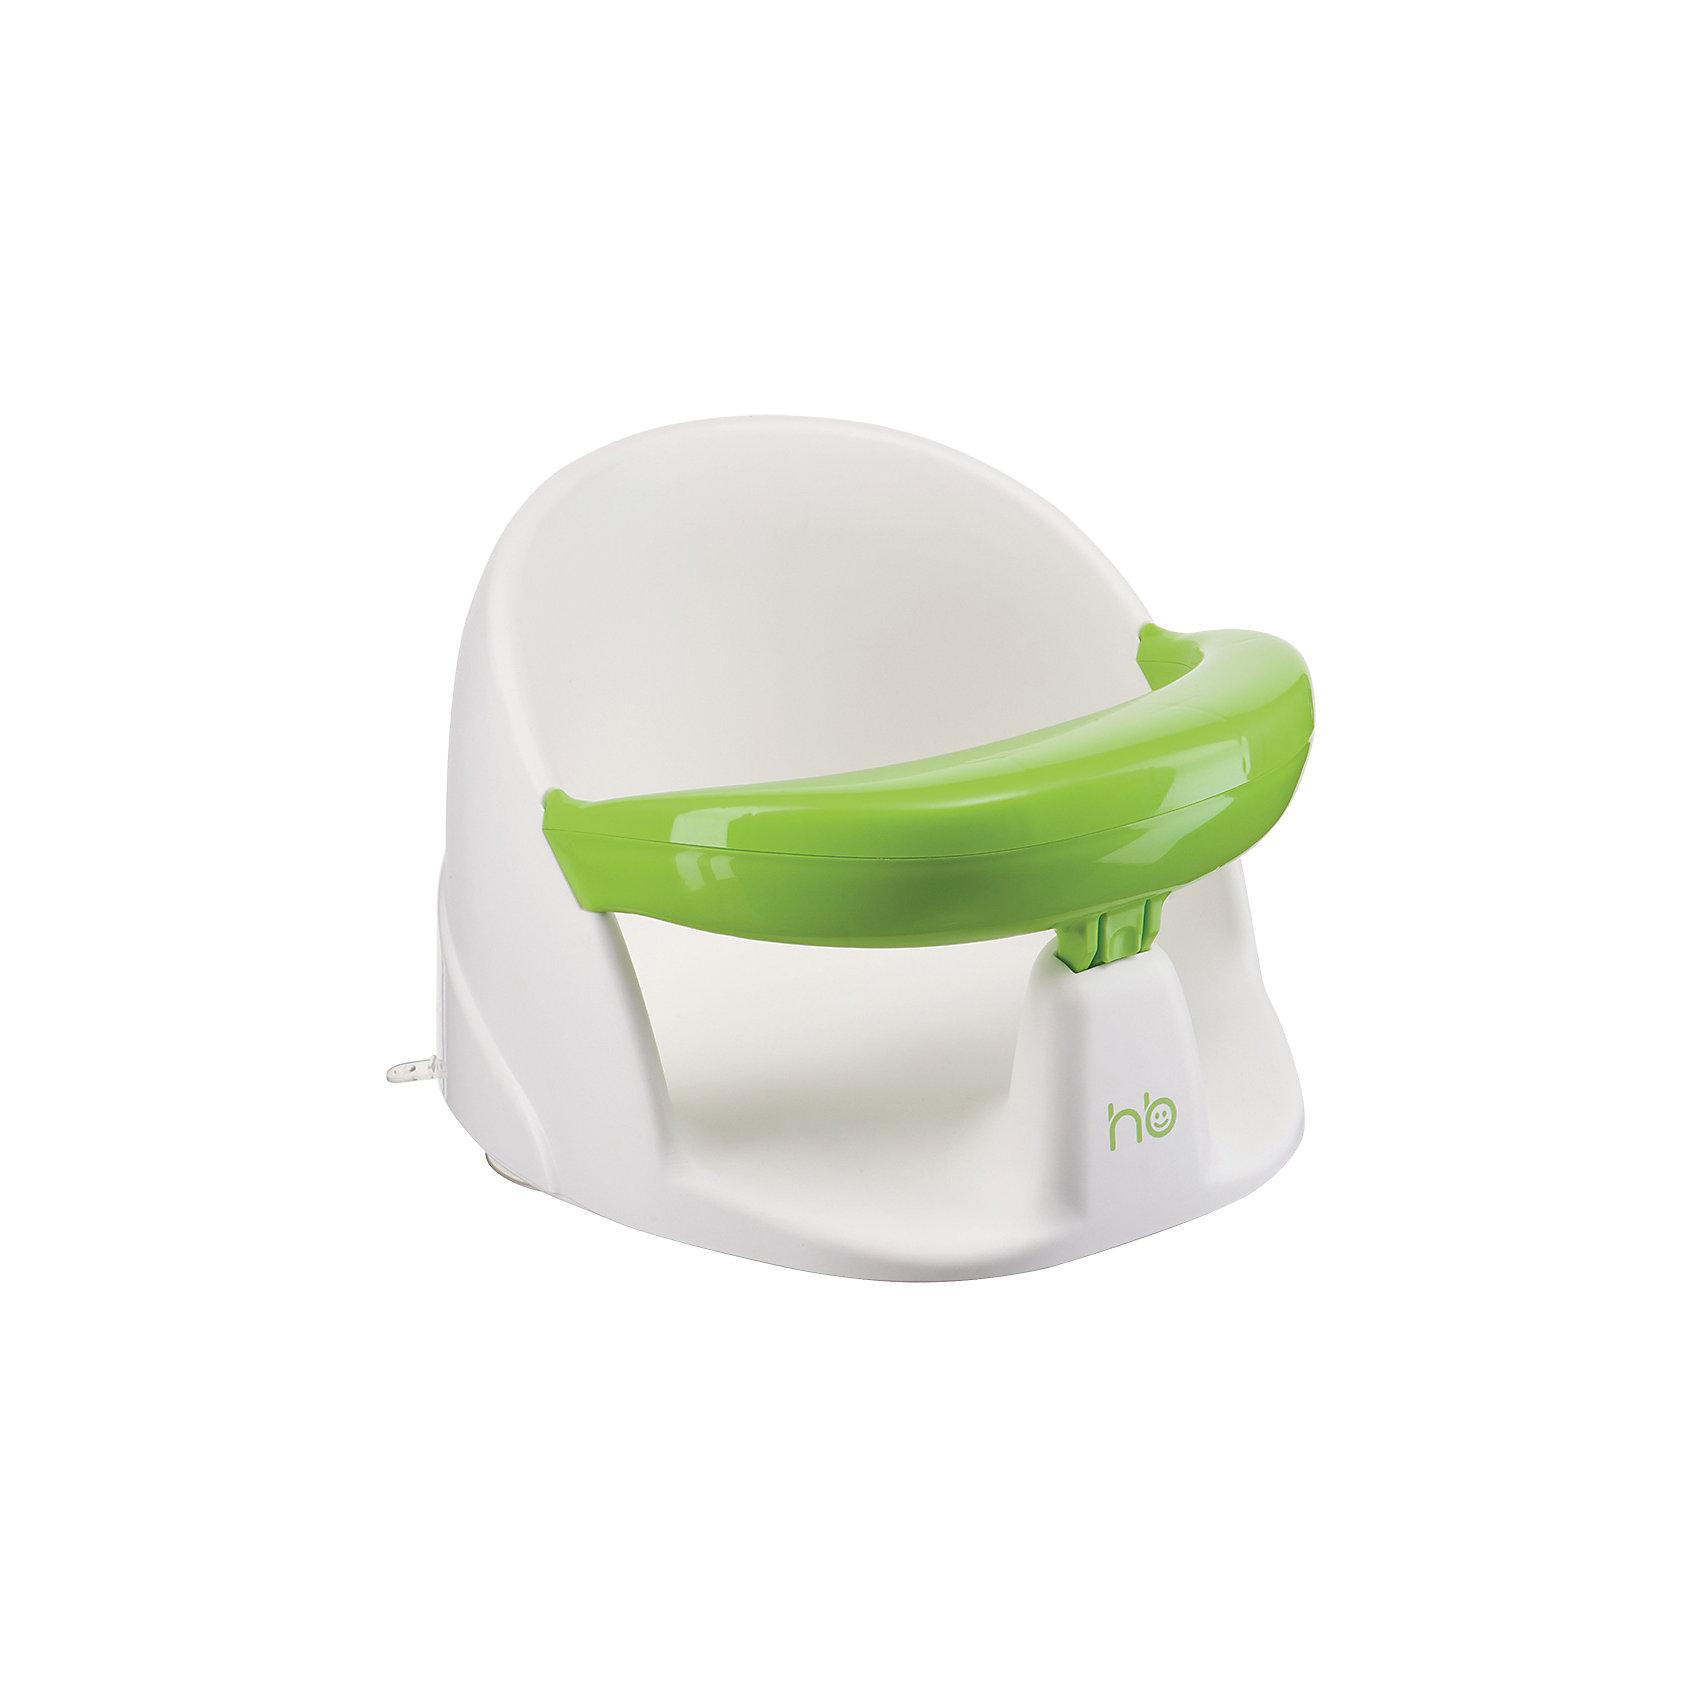 Сиденье для ванной Favorite, Happy BabyВанны, горки, сиденья<br>Вращающееся Сиденье для ванной Favorite (Фэйворит), Happy Baby (Хэппи Бэйби) — незаменимая вещь для купания малыша, который уже умеет сидеть.  Оно быстро и легко устанавливается: достаточно прикрепить его прочными присосками ко дну ванны. Эргономичное сиденье отлично поддерживает спинку ребенка, а съемный бампер делает купание безопасным и удобным. <br><br>Характеристики:<br>-Эргономичное сиденье<br>-Мощная система присосок<br>-Ограничитель не позволит соскользнуть<br>-Сиденье вращается на 360 градусов<br>-Съемный бампер<br>-Высокая спинка<br>-Максимальный вес ребенка: 15 кг<br><br>Дополнительная информация:<br>-Материалы: полипропилен, поливинилхлорид (присоски)<br>-Размеры в упаковке: 24х34х31 см<br>-Вес в упаковке: 1500 г<br><br>С сиденьем для купания от Хэппи Бэйби водные процедуры всегда будут игрой для Вашего малыша!<br><br>Сиденье для ванной Favorite (Фэйворит), Happy Baby (Хэппи Бэйби) можно купить в нашем магазине.<br><br>Ширина мм: 240<br>Глубина мм: 340<br>Высота мм: 310<br>Вес г: 1500<br>Возраст от месяцев: 6<br>Возраст до месяцев: 18<br>Пол: Унисекс<br>Возраст: Детский<br>SKU: 4214811